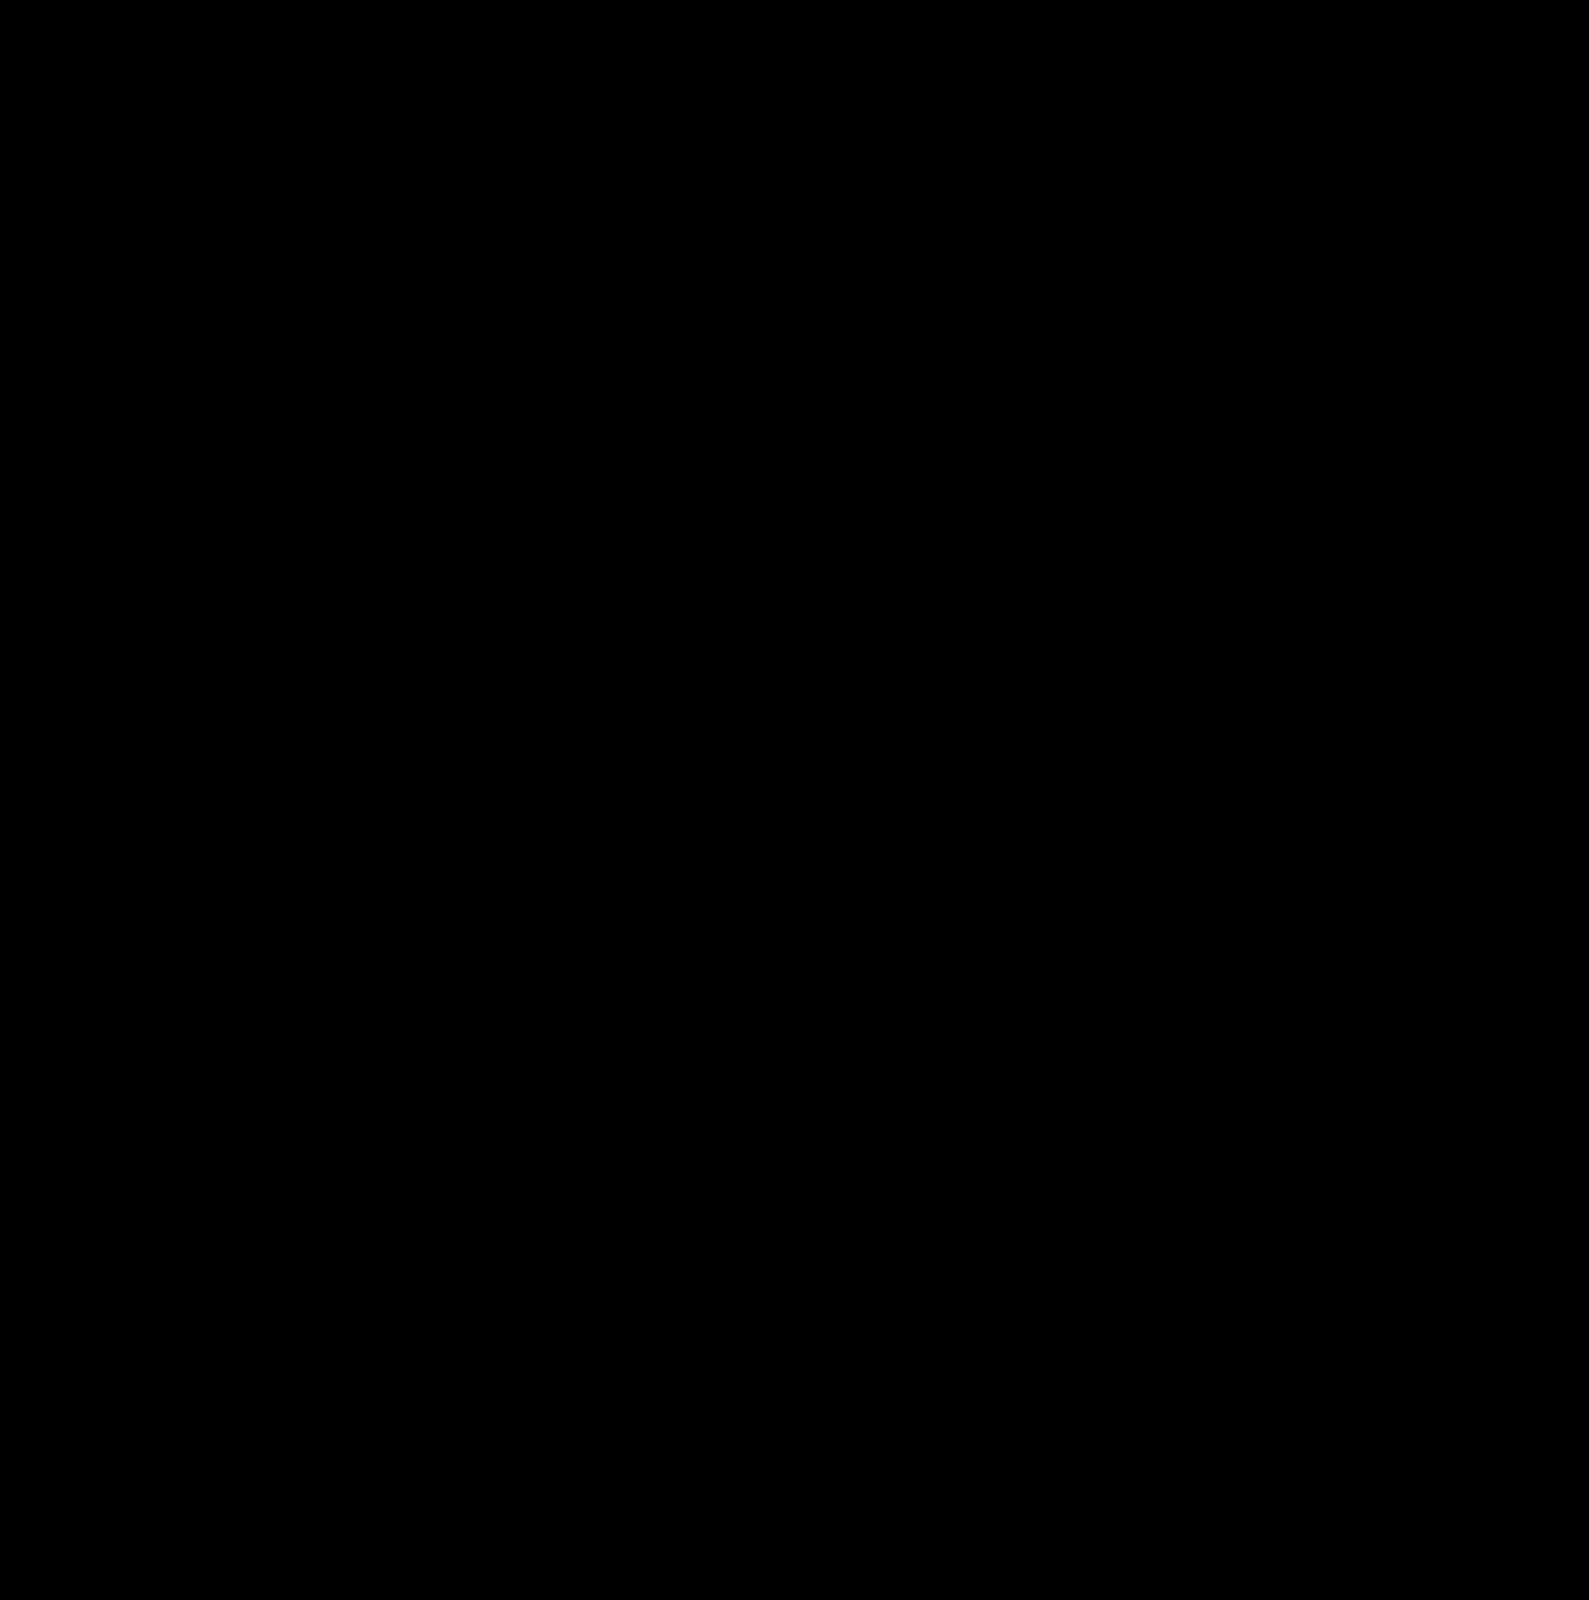 Ilustracja wektorowa na której widoczny jest człowiek zatykający nos. Ma to symbolizowac smród.